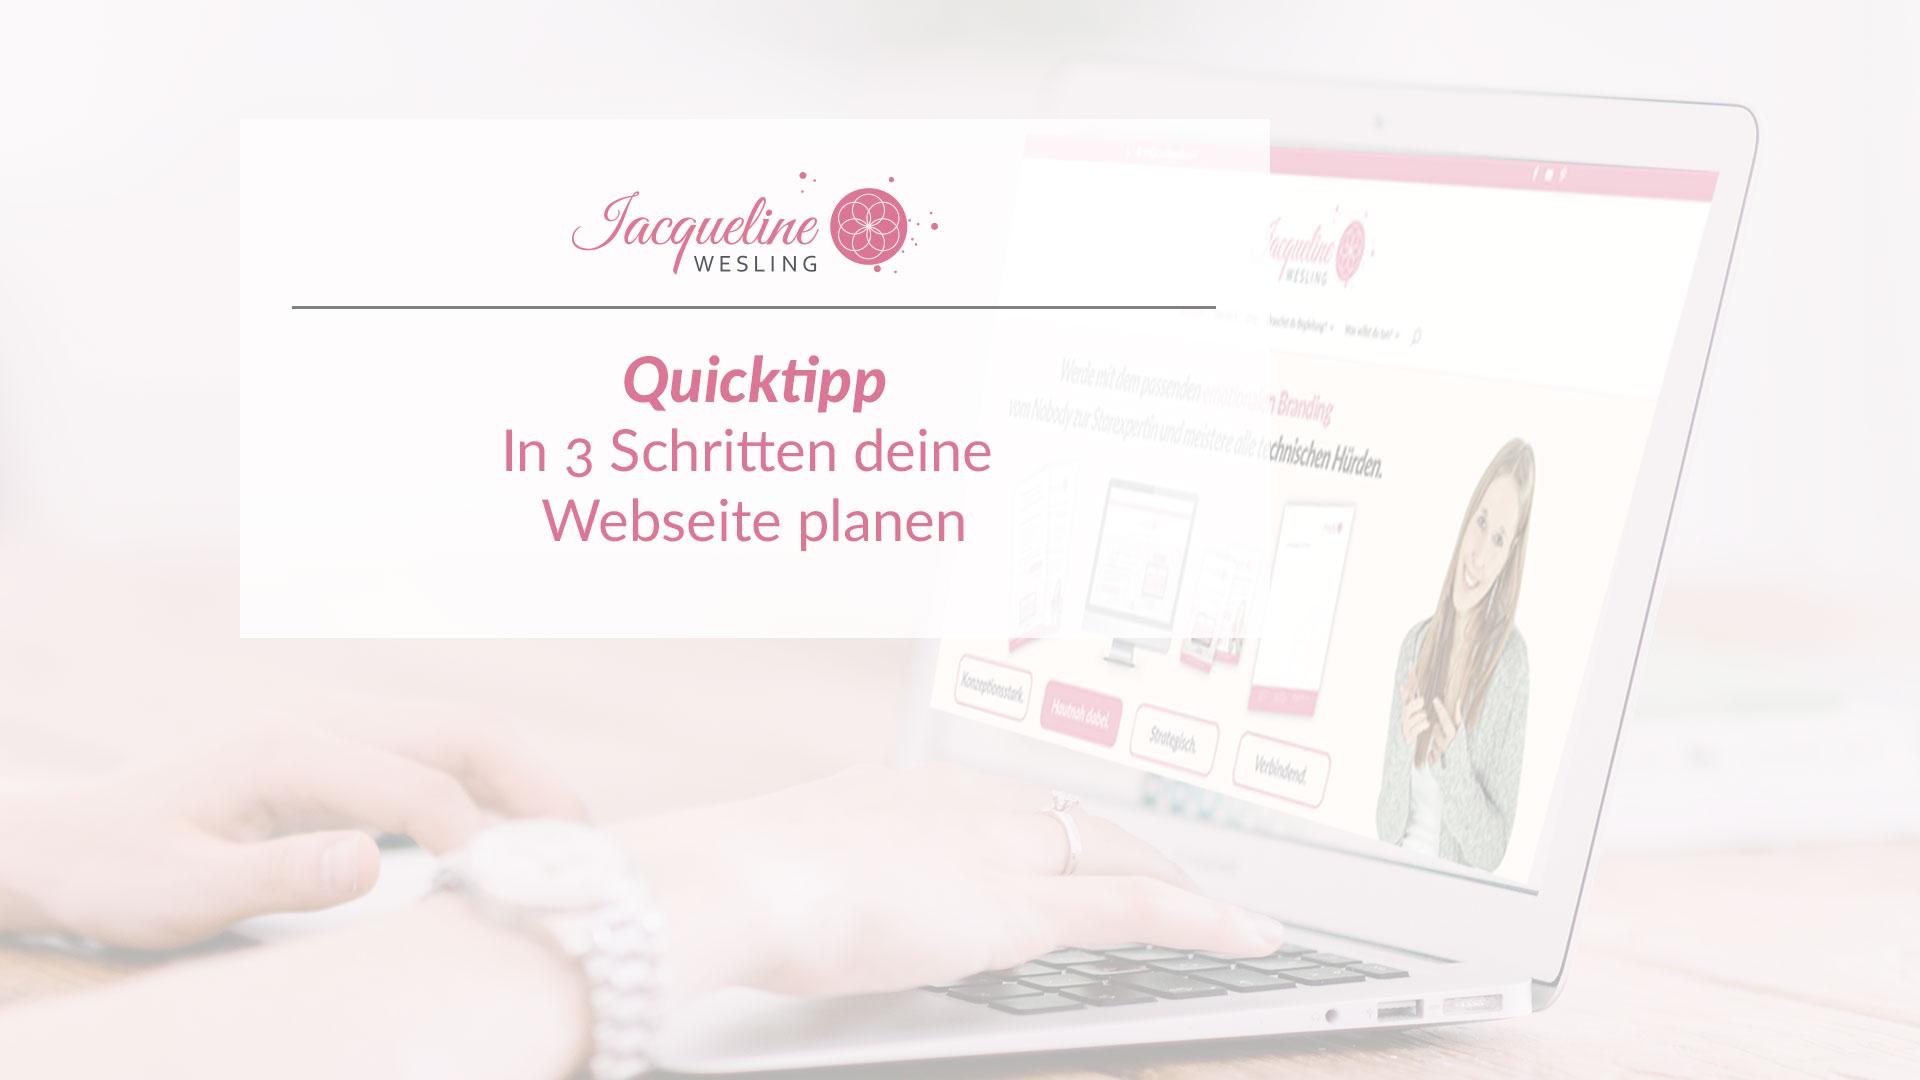 In-drei-Schritten-deine-Webseite-planen